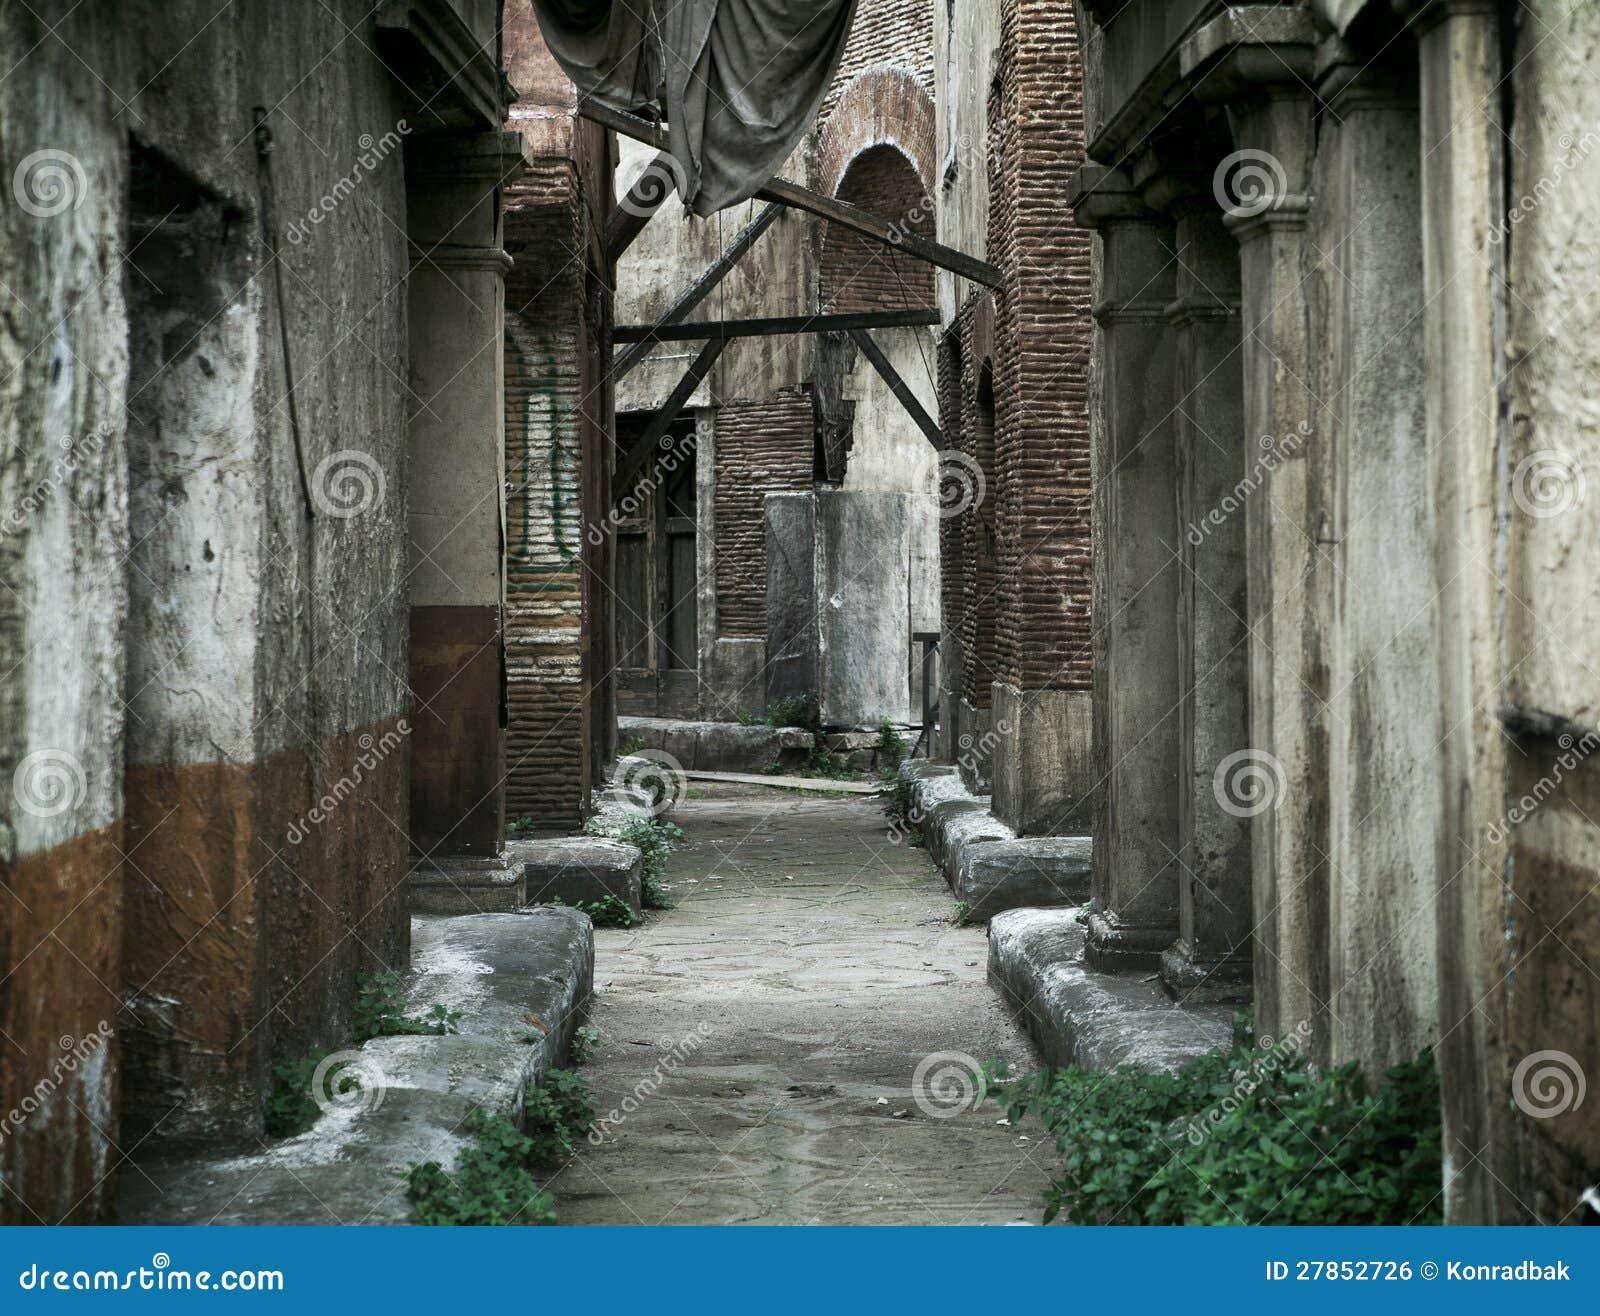 Vecchie case abbandonate a roma antica fotografia stock for Case abbandonate italia